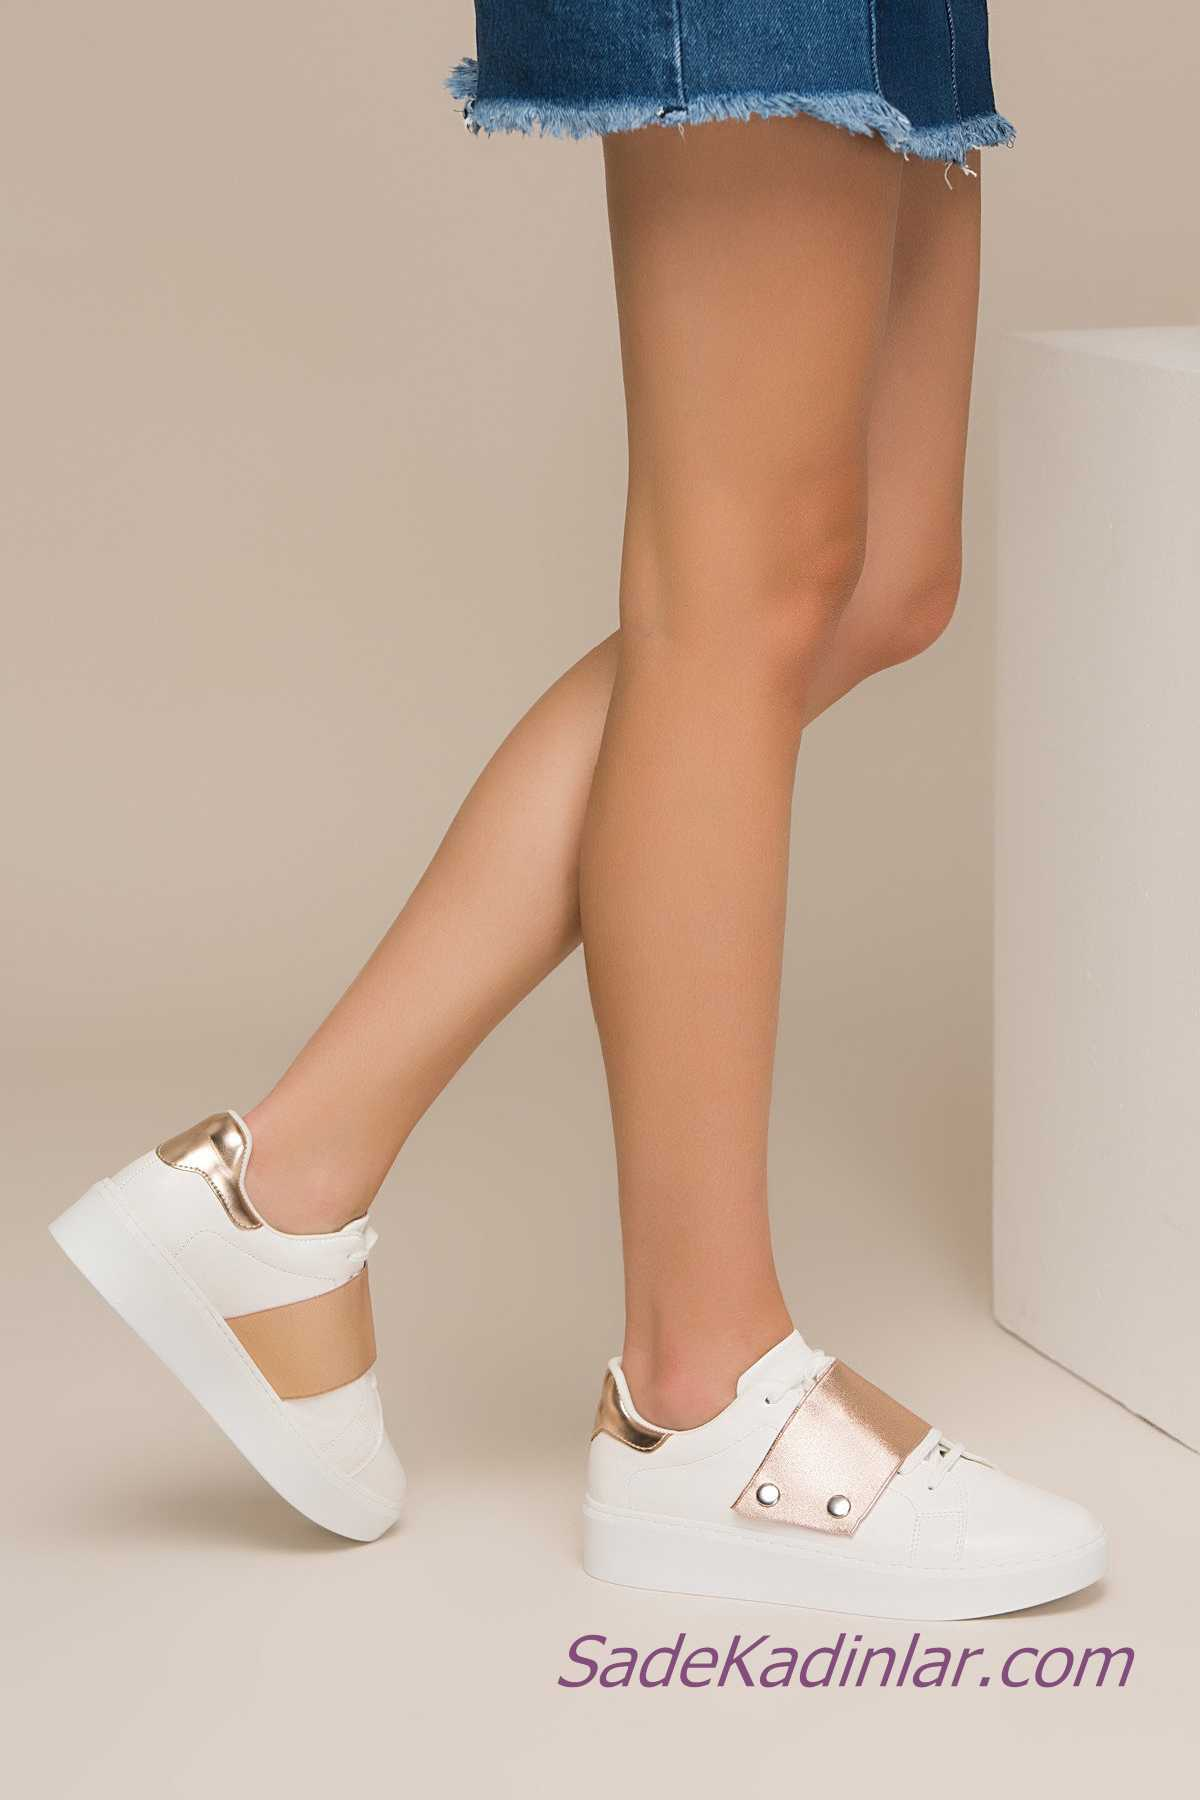 Sneakers Bayan Spor Ayakkabı Modelleri Beyaz Yandan Gold Bantlı Bağcıklı